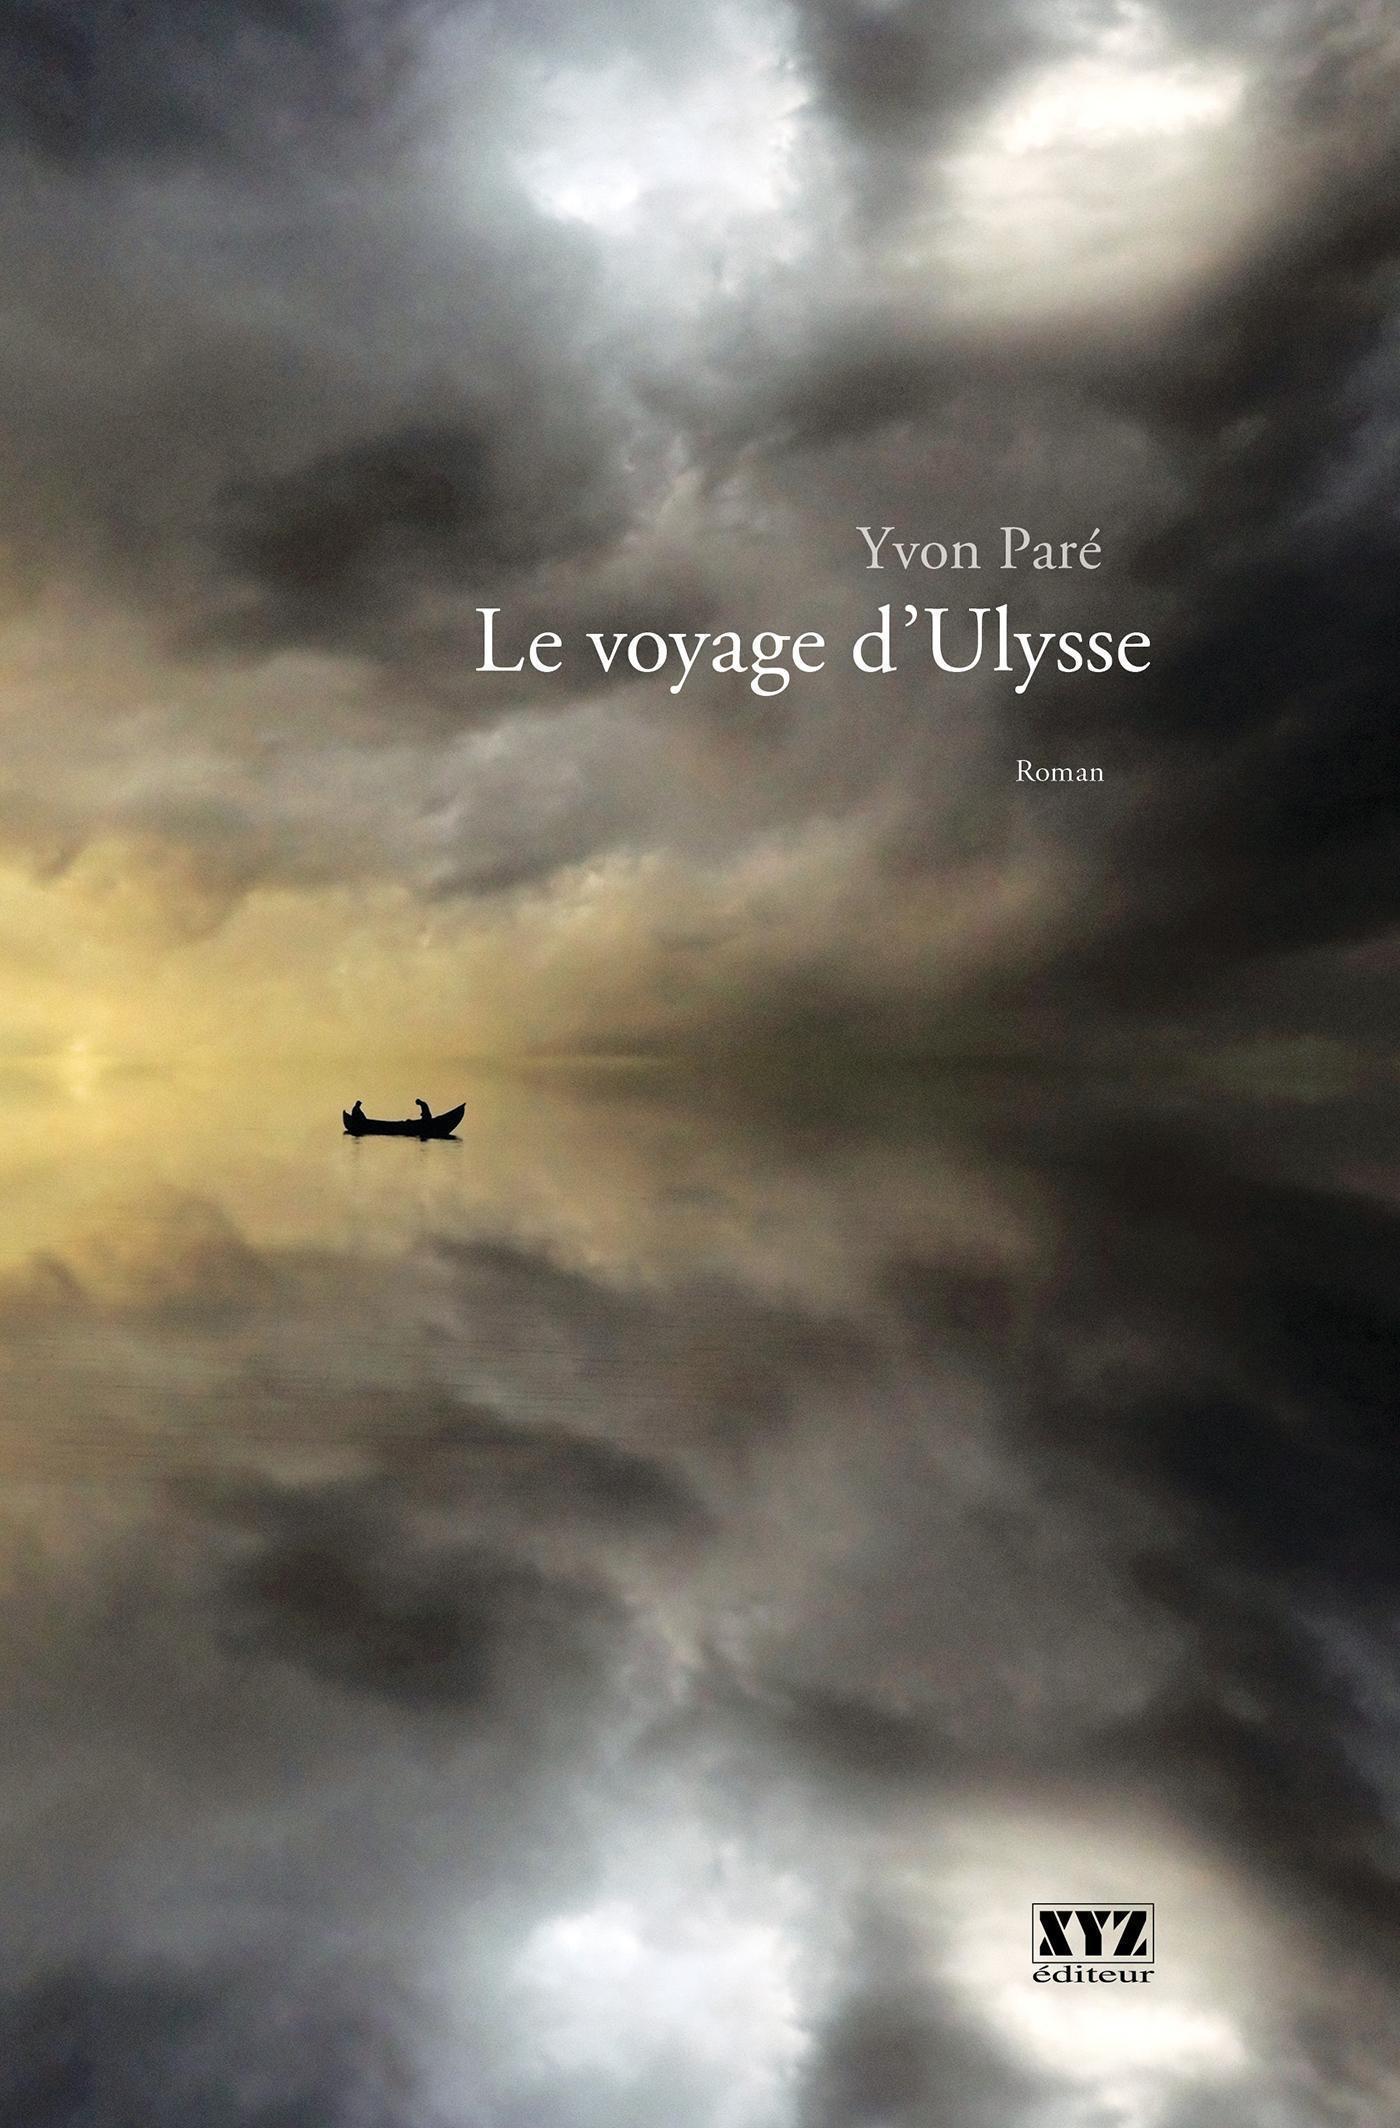 Couverture : Voyage d'Ulysse (Le) Yvon Paré